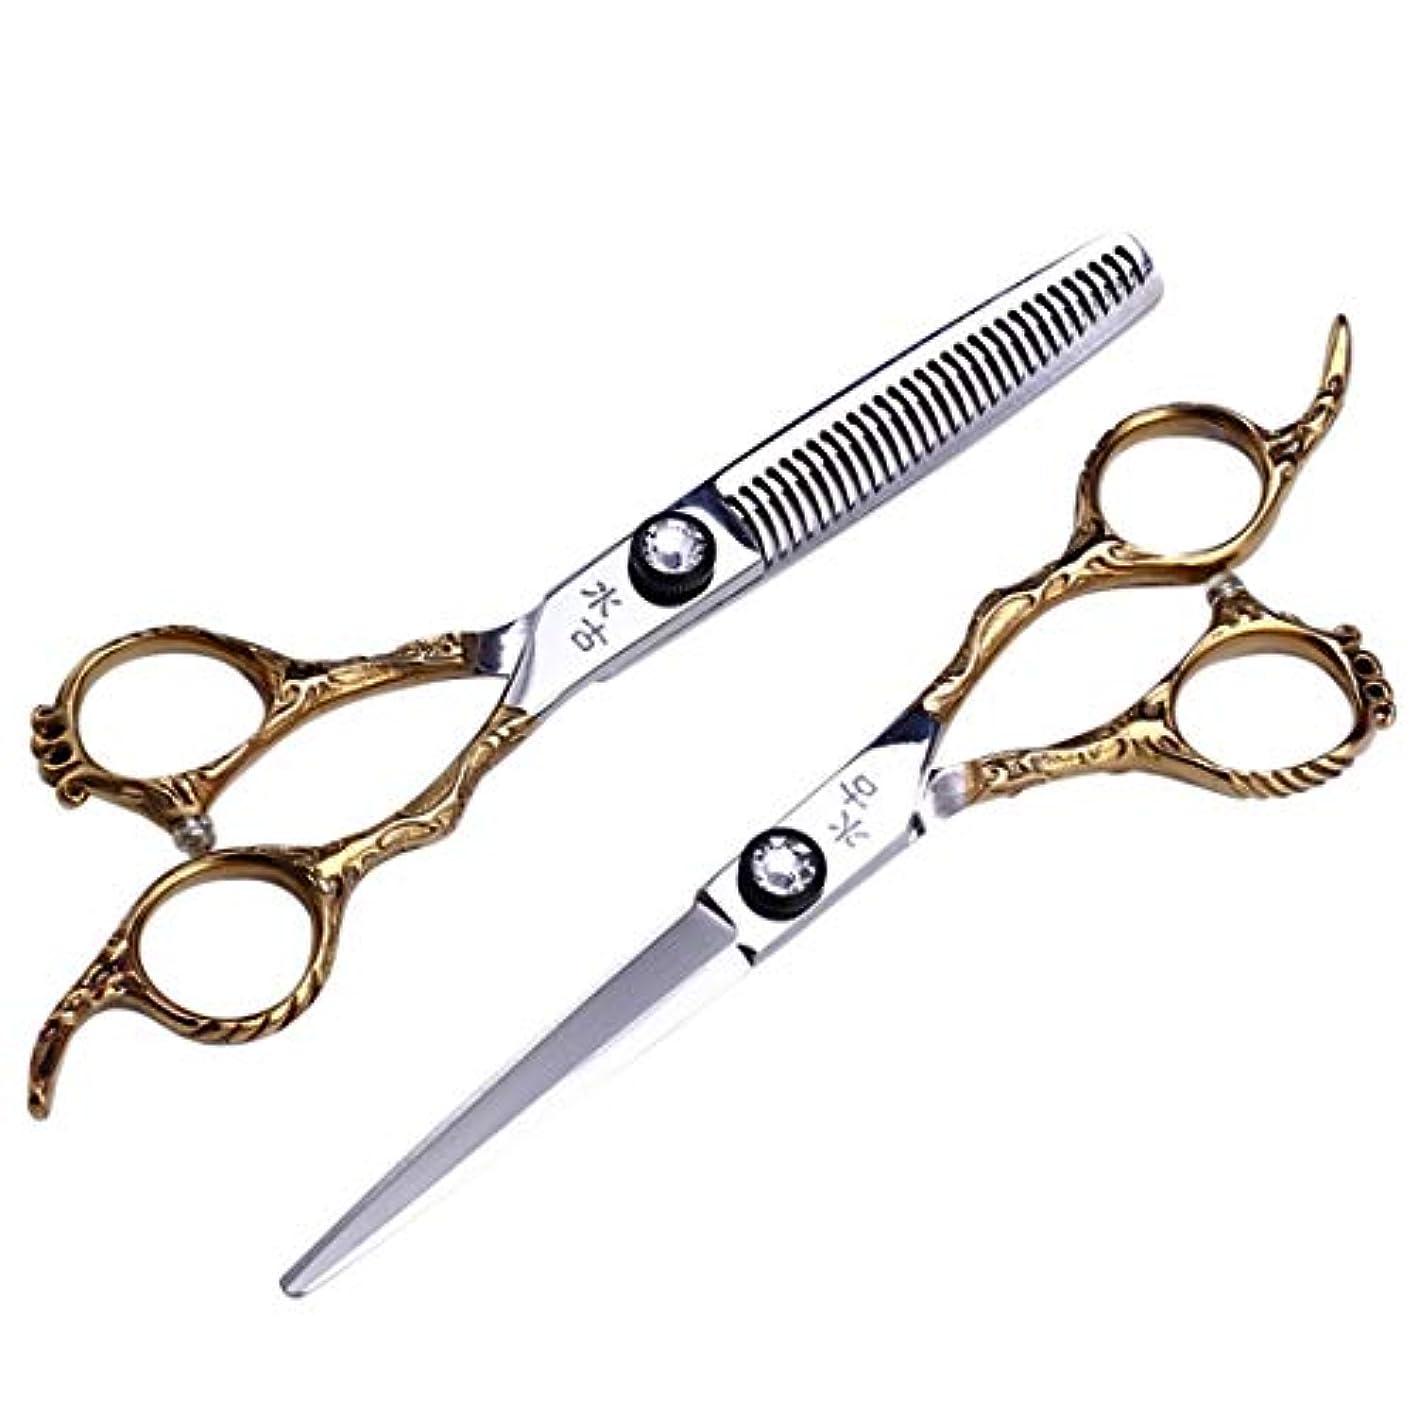 メキシコ知覚できる休眠Jiaoran プロの理髪はさみ、歯はさみ+フラットシャーリングセット6.0インチ理髪サロンツールセット (Color : Gold)